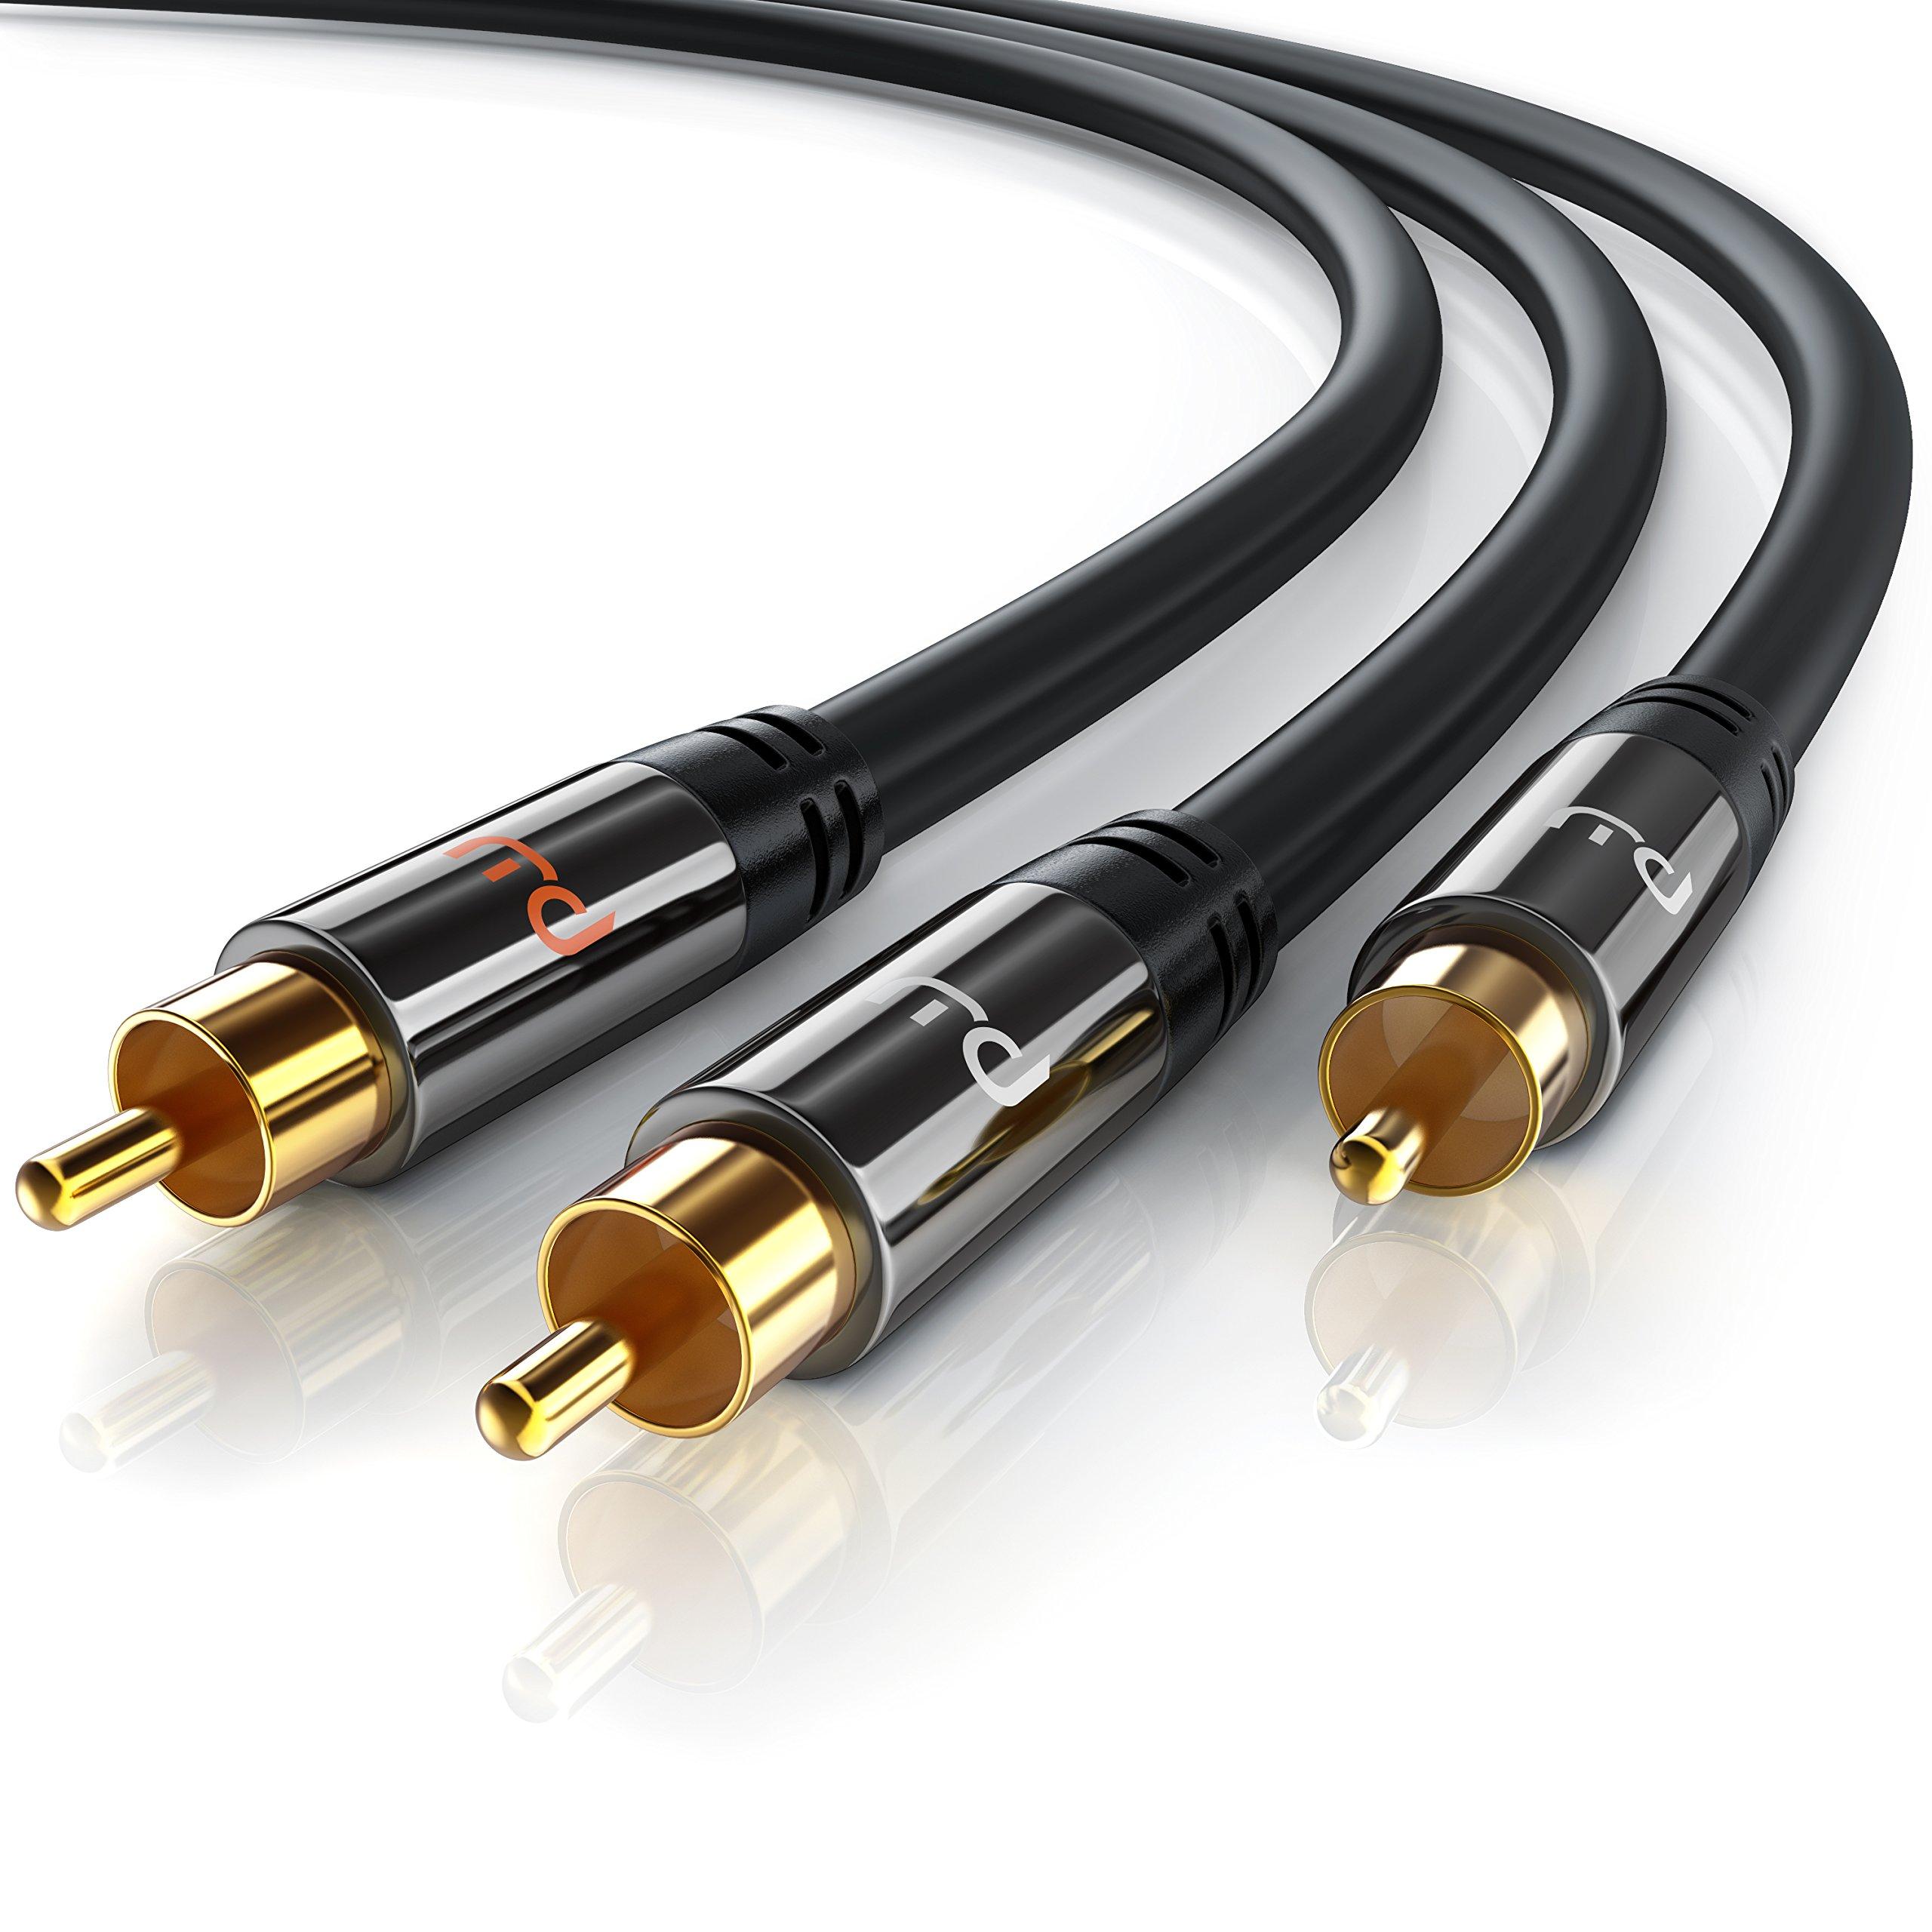 Primewire - 3m HQ Y Subwoofer Cable | 1x Conector RCA Macho a 2X Conectores RCA